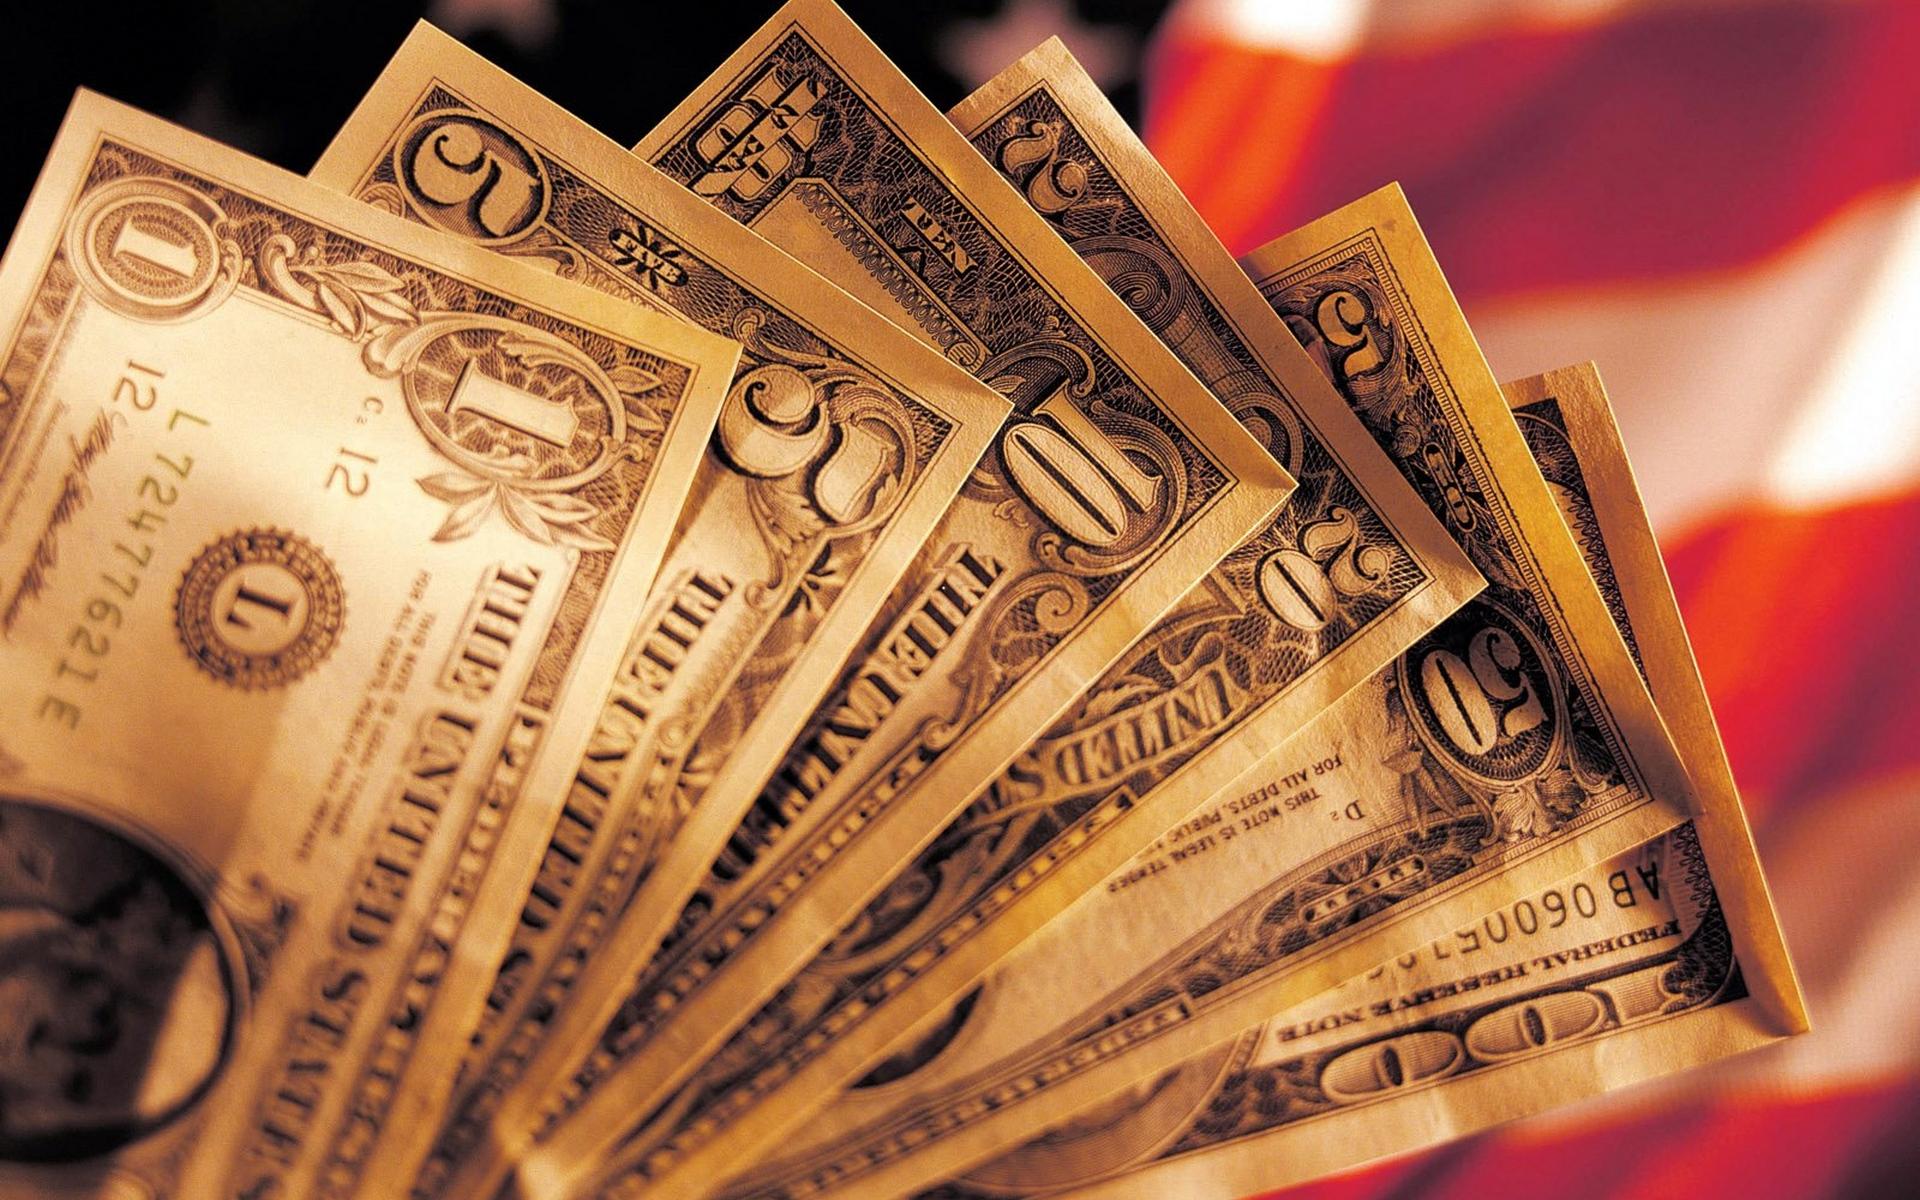 обои доллары, баксы, банкноты, купюры картинки фото